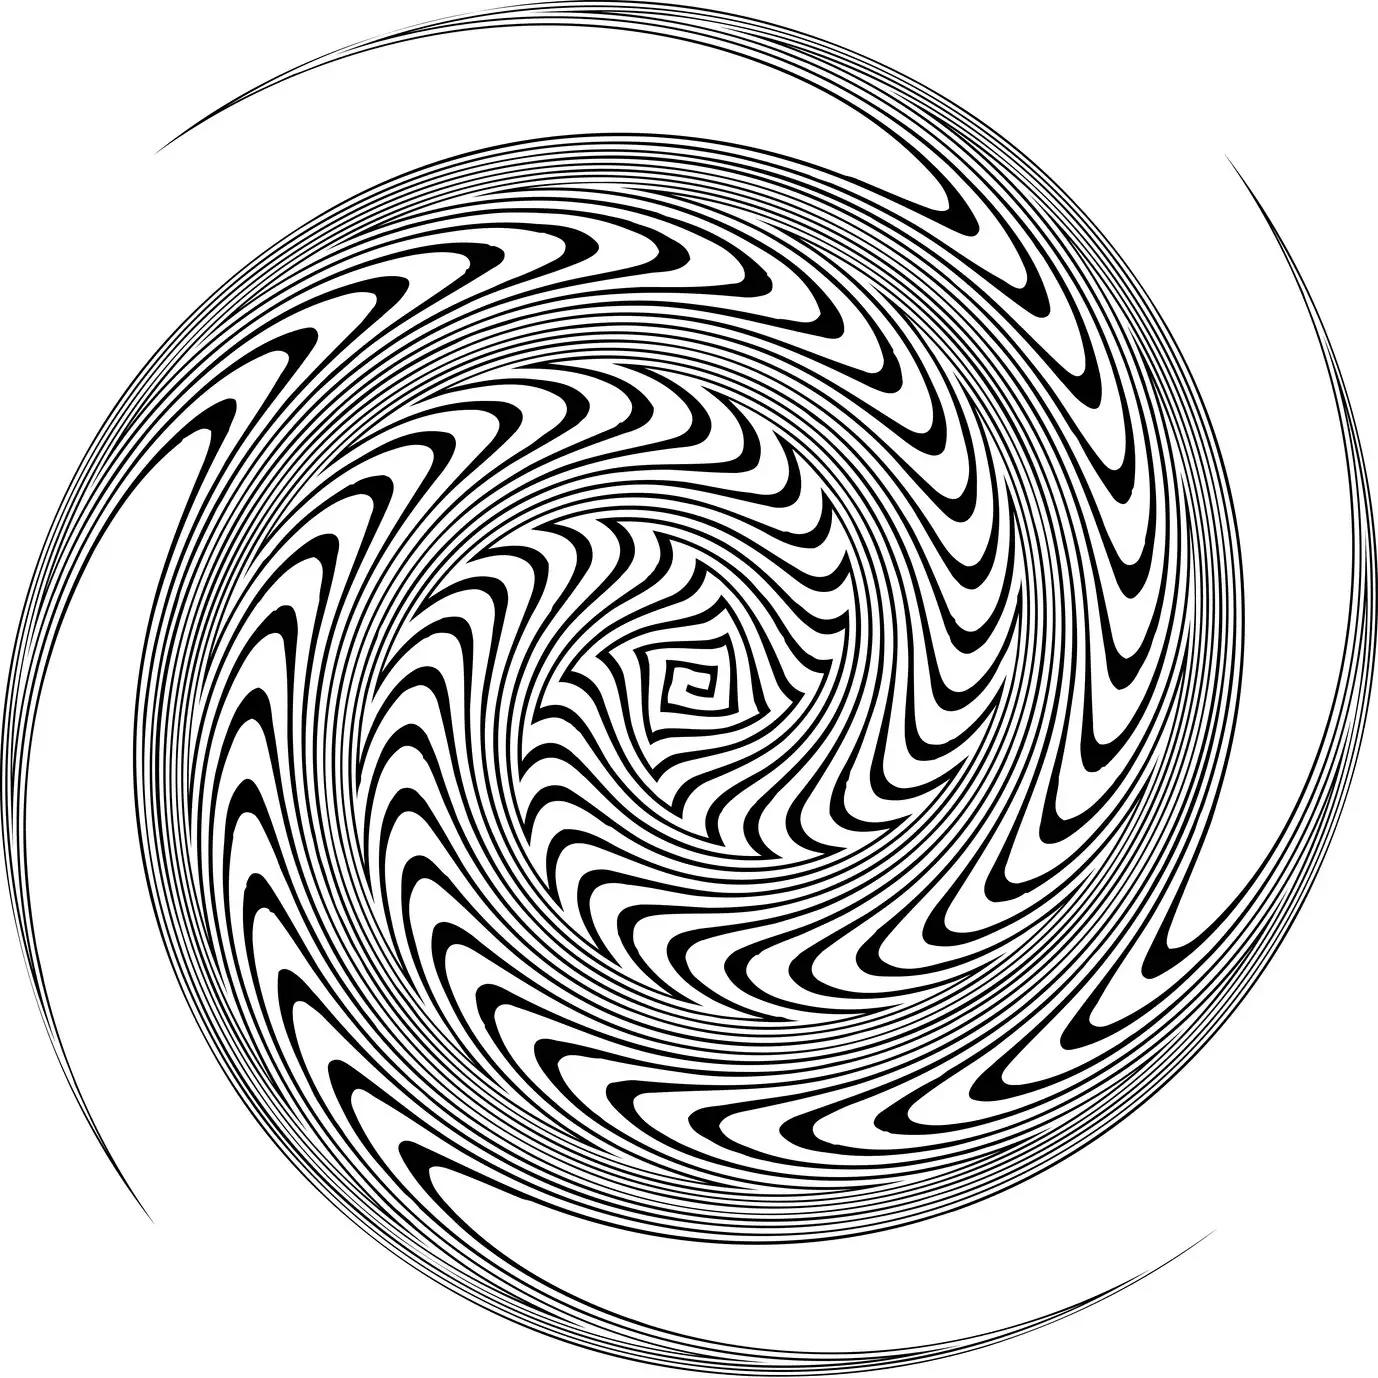 Mandala A Colorier Difficile 2 - Mandalas Difficiles (Pour intérieur Coloriage De Mandala Difficile A Imprimer